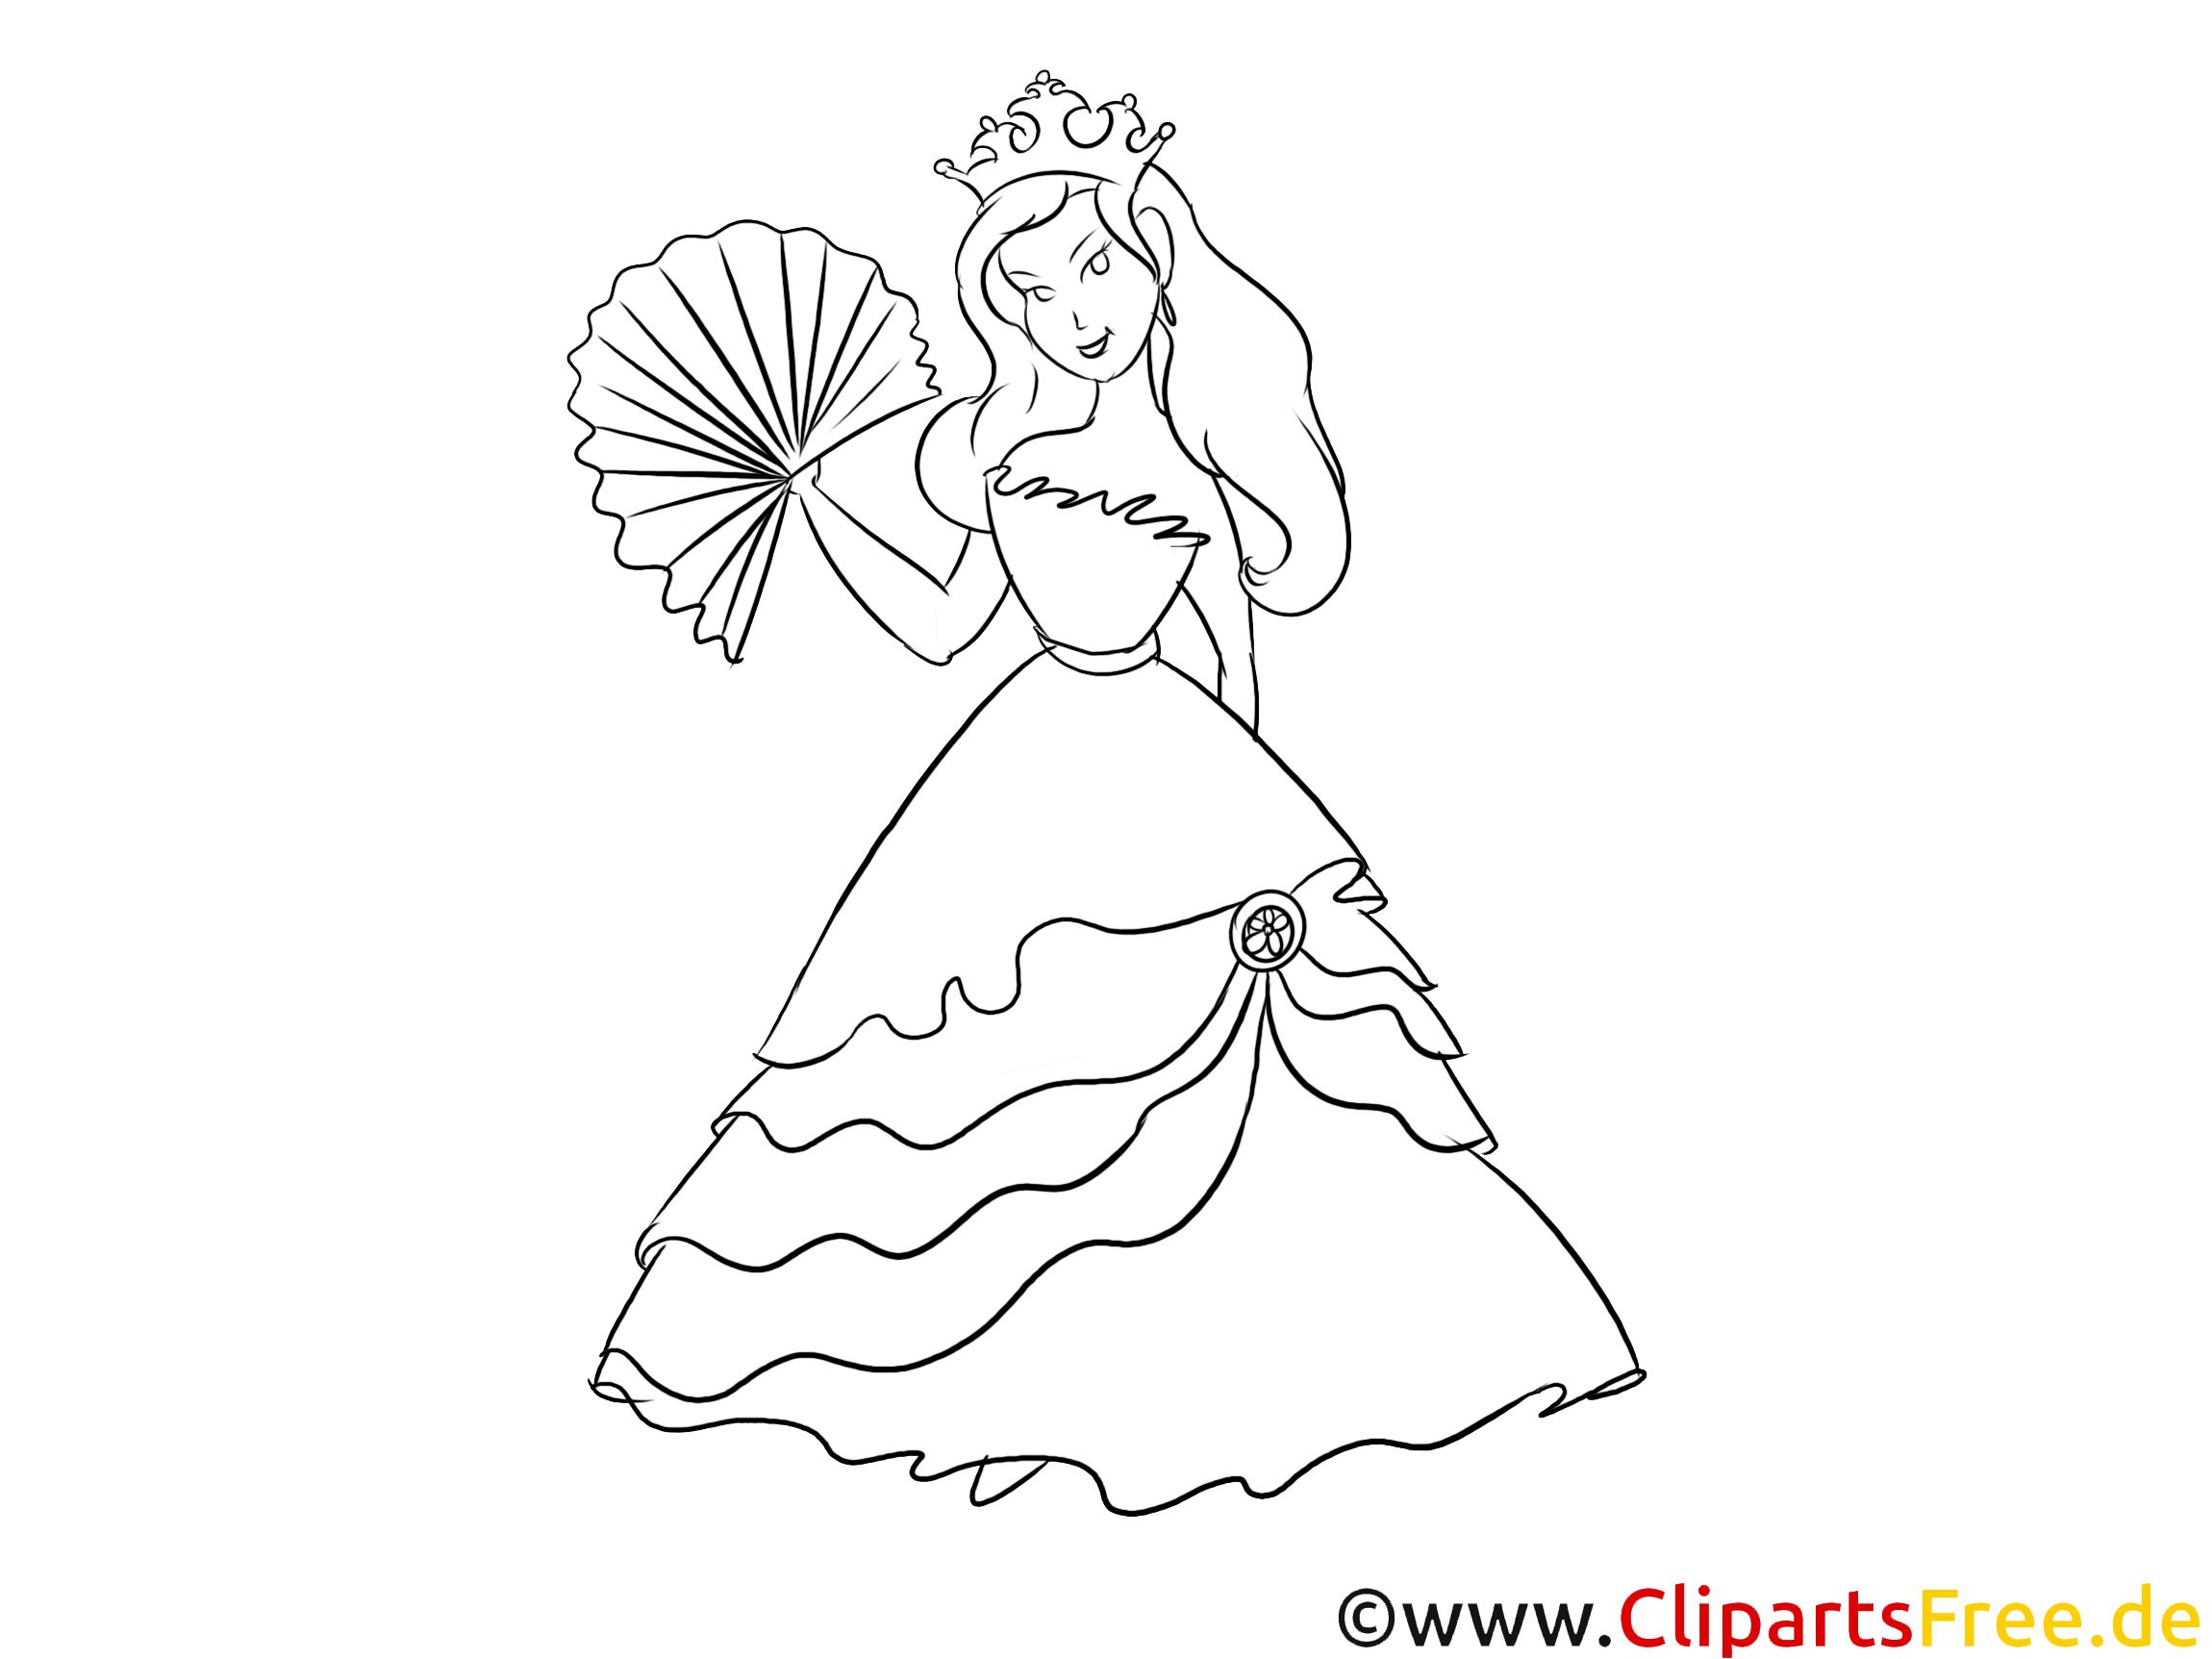 Malvorlagen Für Kinder: Prinzessin Mandala Zum Ausdrucken Und Ausmalbild